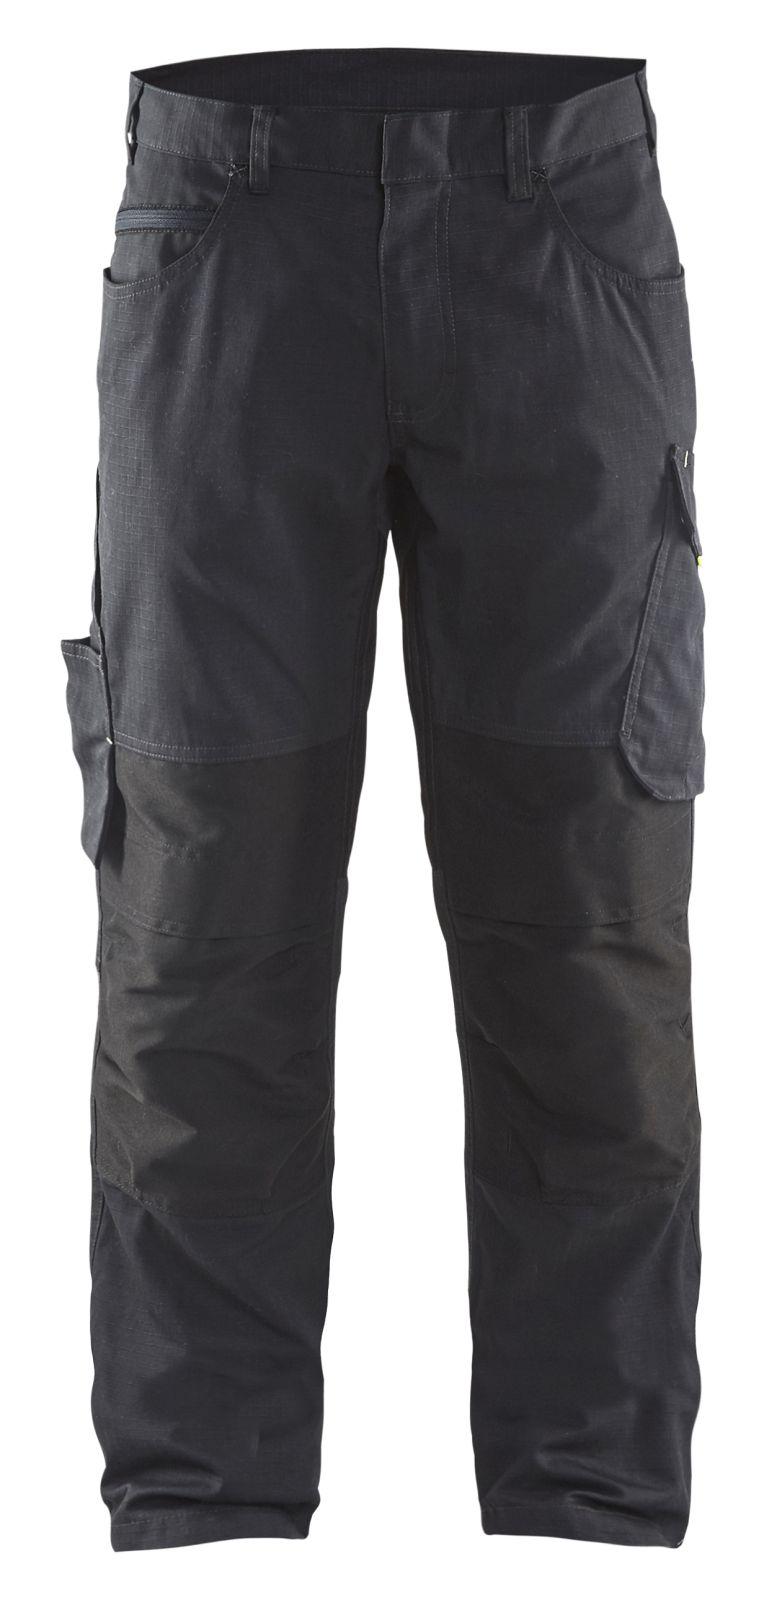 Blaklader Broeken 14951330 met Stretch zwart-grijs(9998)